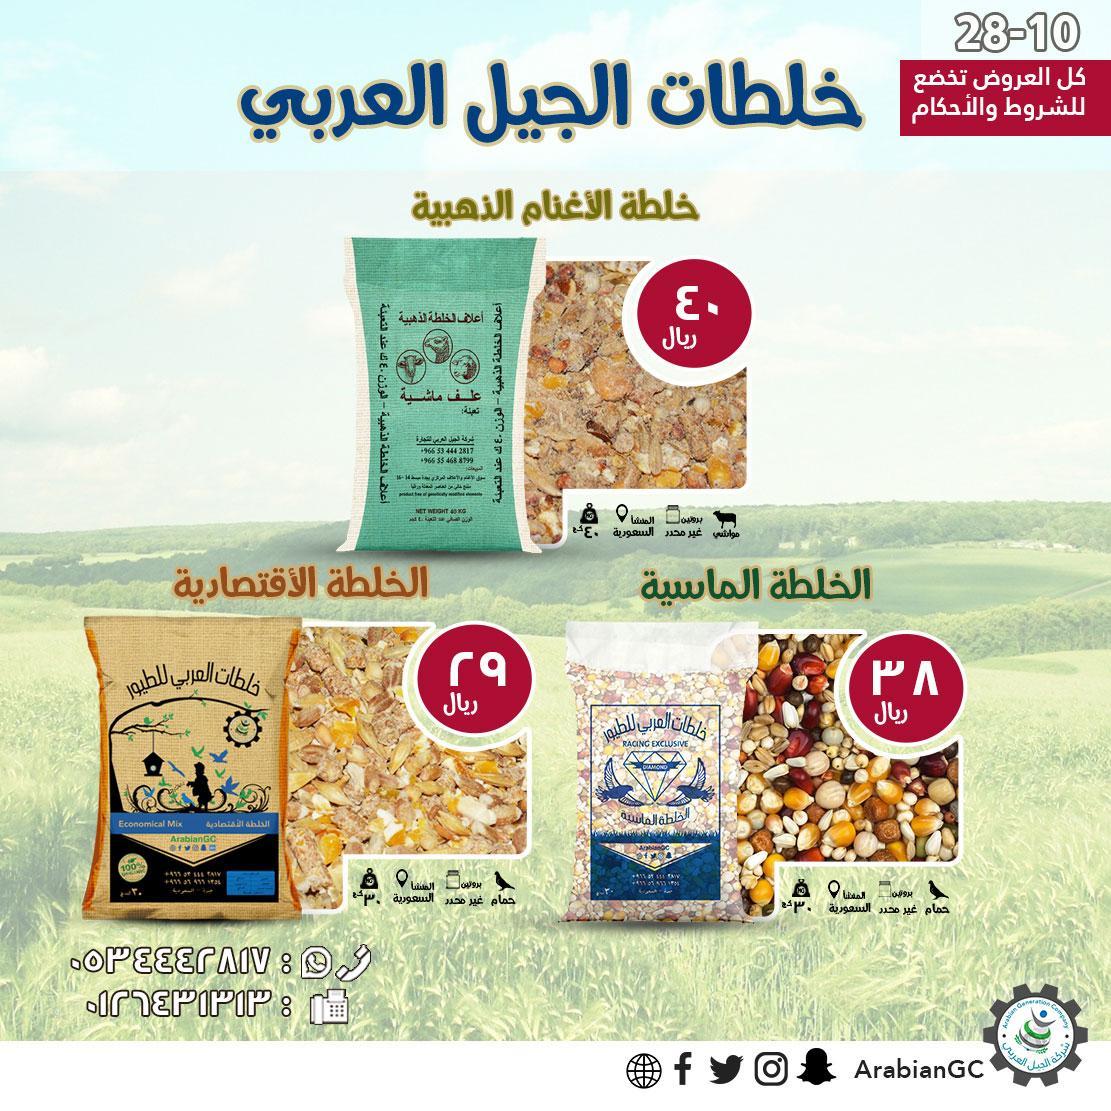 خلطات الجيل العربي الأفضل الإطلاق d.php?hash=RPKJ3CJN7